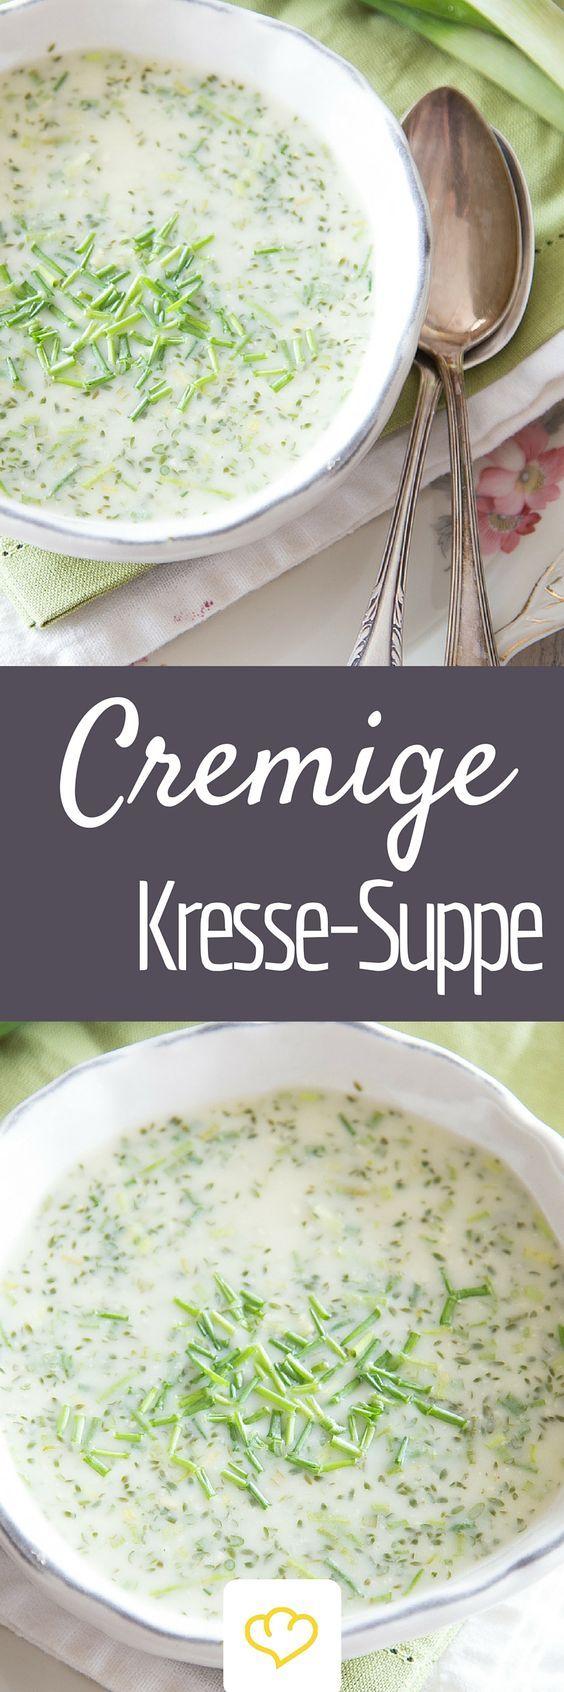 Feines Kressesüppchen - Wer Kresse sonst nur als Gewürz über Eier, Quark und Frischkäse streut, sollte das Kraut schleunigst als Suppe probieren. Mit ihrem leicht scharfen Geschmack, der an Senf erinnert, gibt Kresse deiner Suppe Pepp.